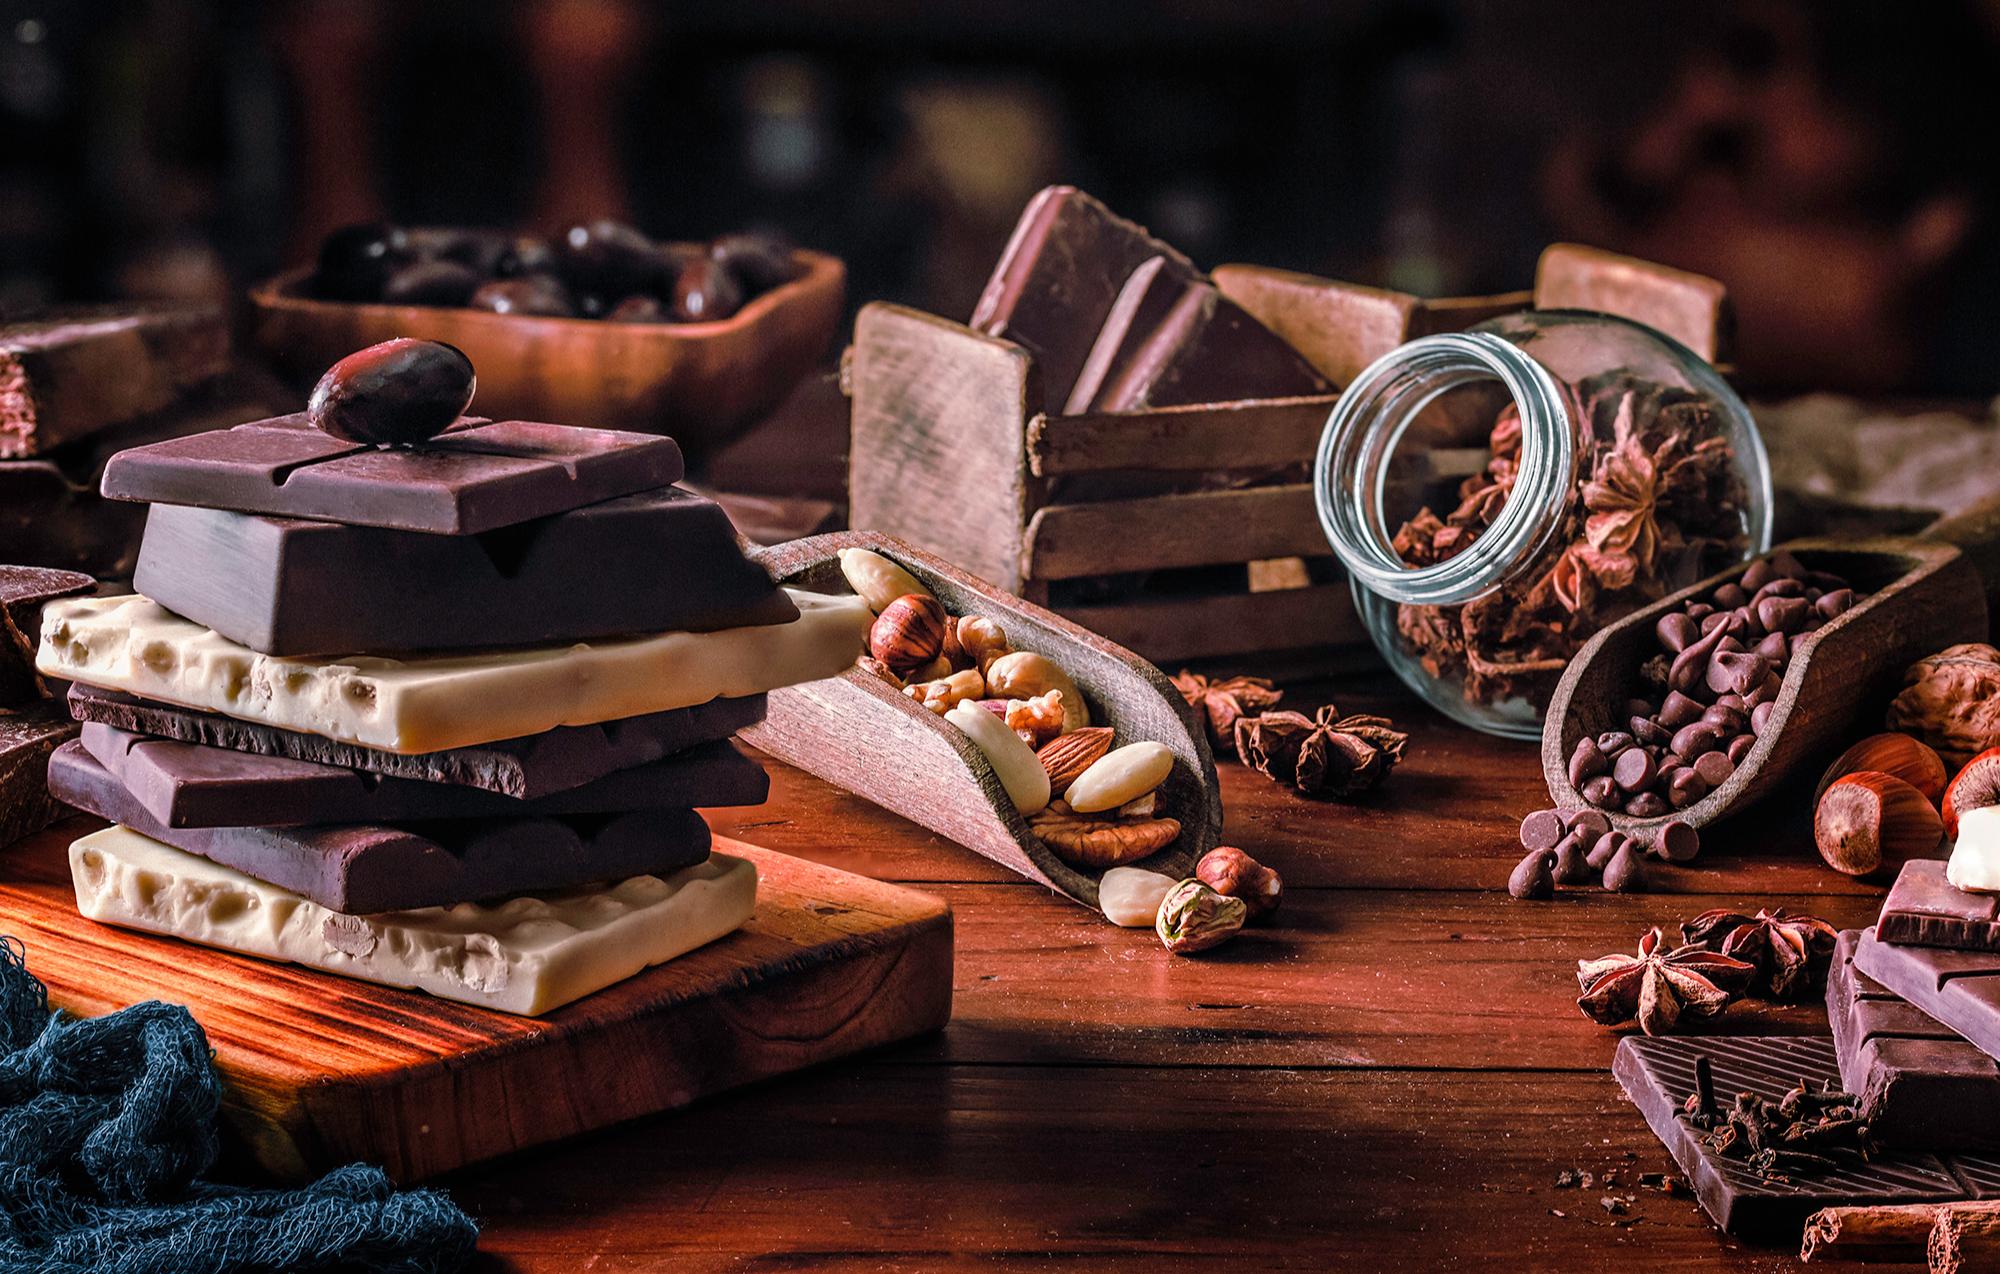 wein-schokolade-online-seminar-bg21608728133